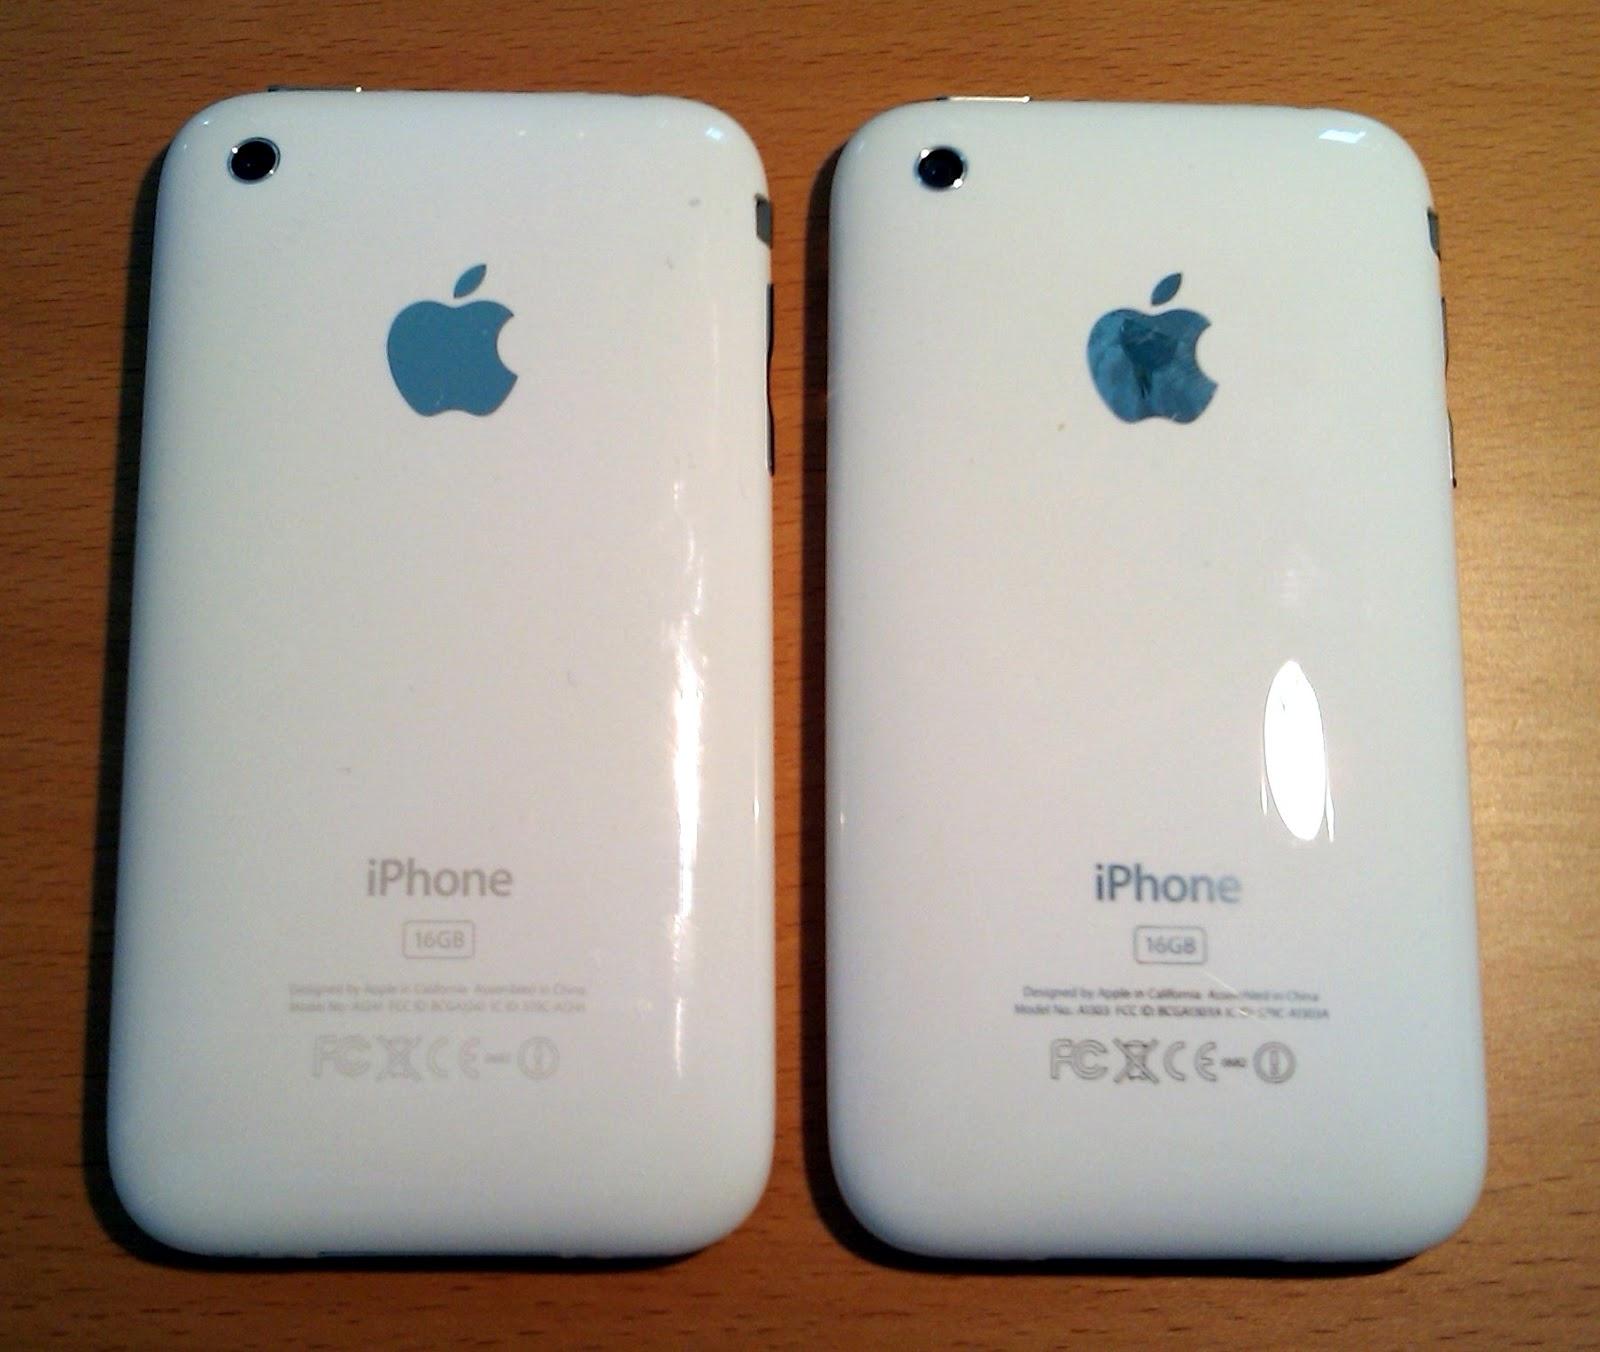 http://4.bp.blogspot.com/-YMMMV0kxrqs/UBxghf2oWOI/AAAAAAAAAQA/Iiv0j8KPc2I/s1600/i+phone+3,g,3gs,wallpapers+(6).jpg